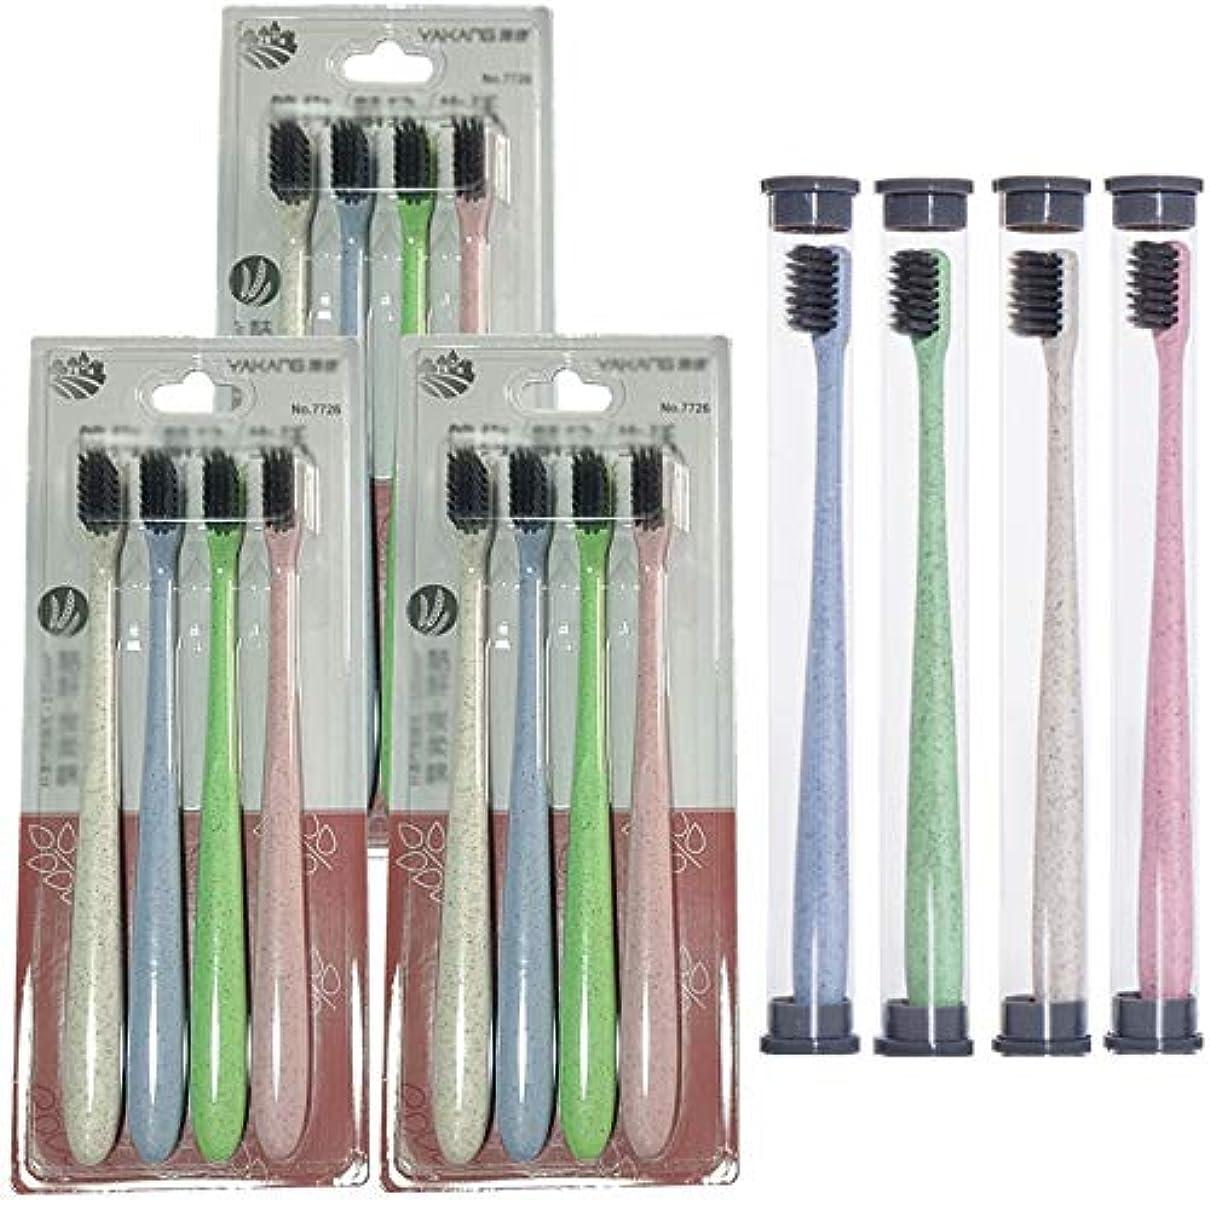 愛国的なに変わる悲惨歯ブラシ 16すべての大人のための適切なスティック歯ブラシ、歯ブラシバルク、歯ブラシソフト、携帯用歯ブラシ、 HL (色 : 16 packs)